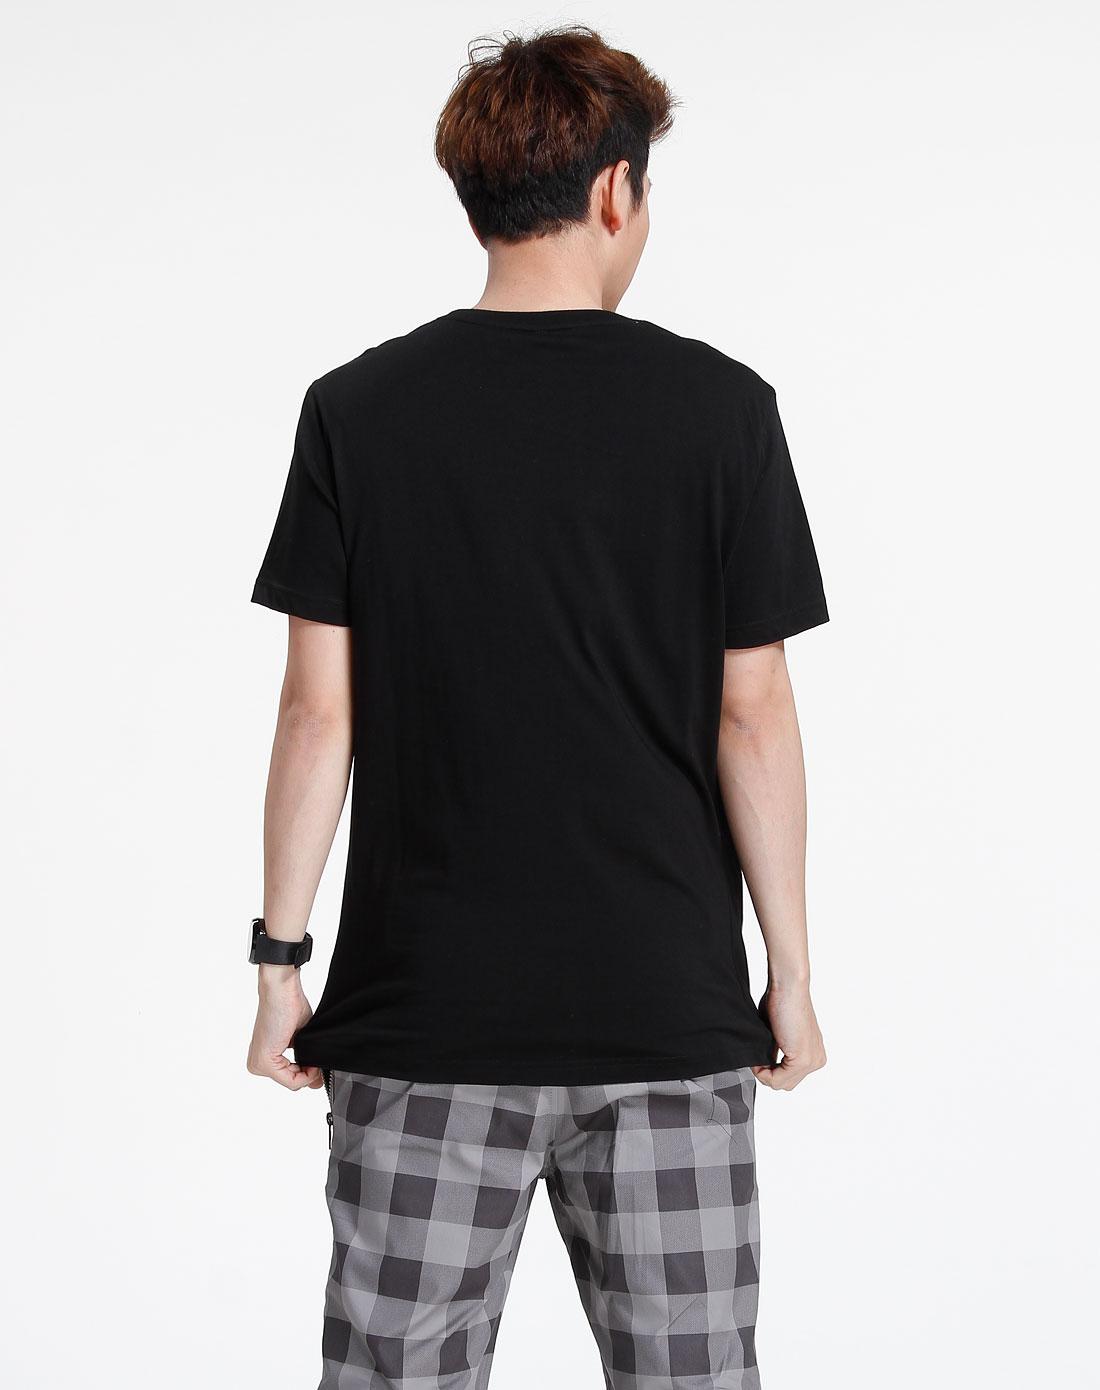 森马-男装黑色印图短袖t恤002151032-900图片